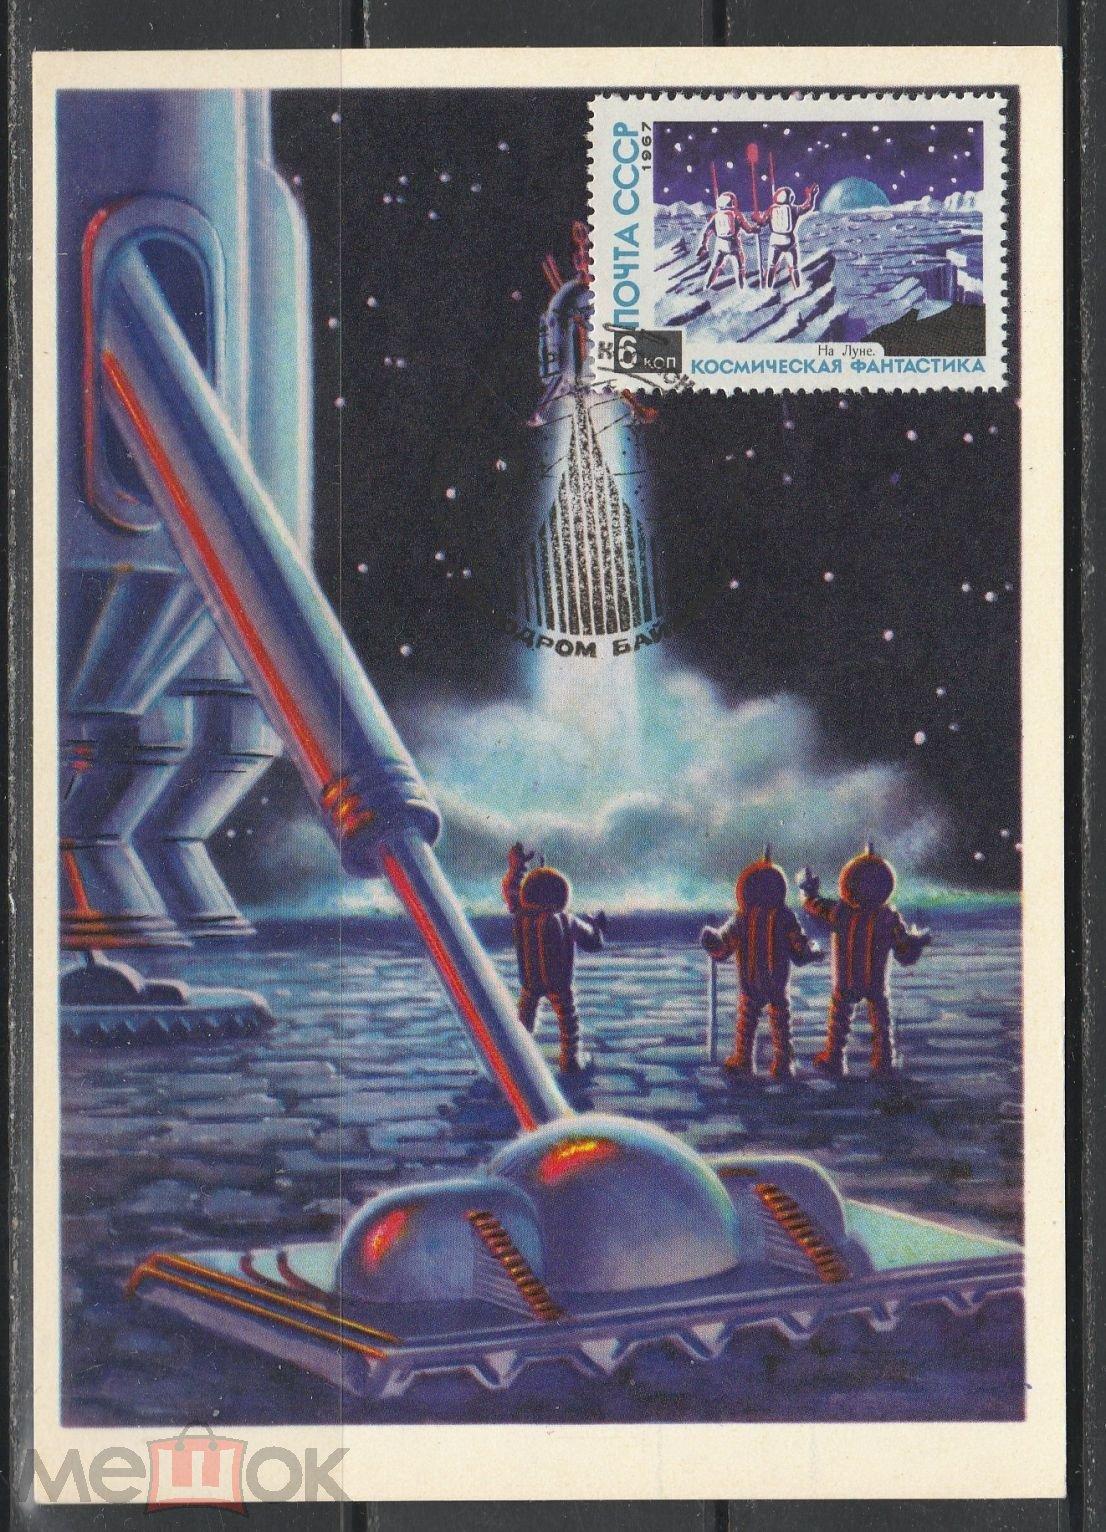 День космонавтики открытки ссср, для скрапбукинга музыкальную